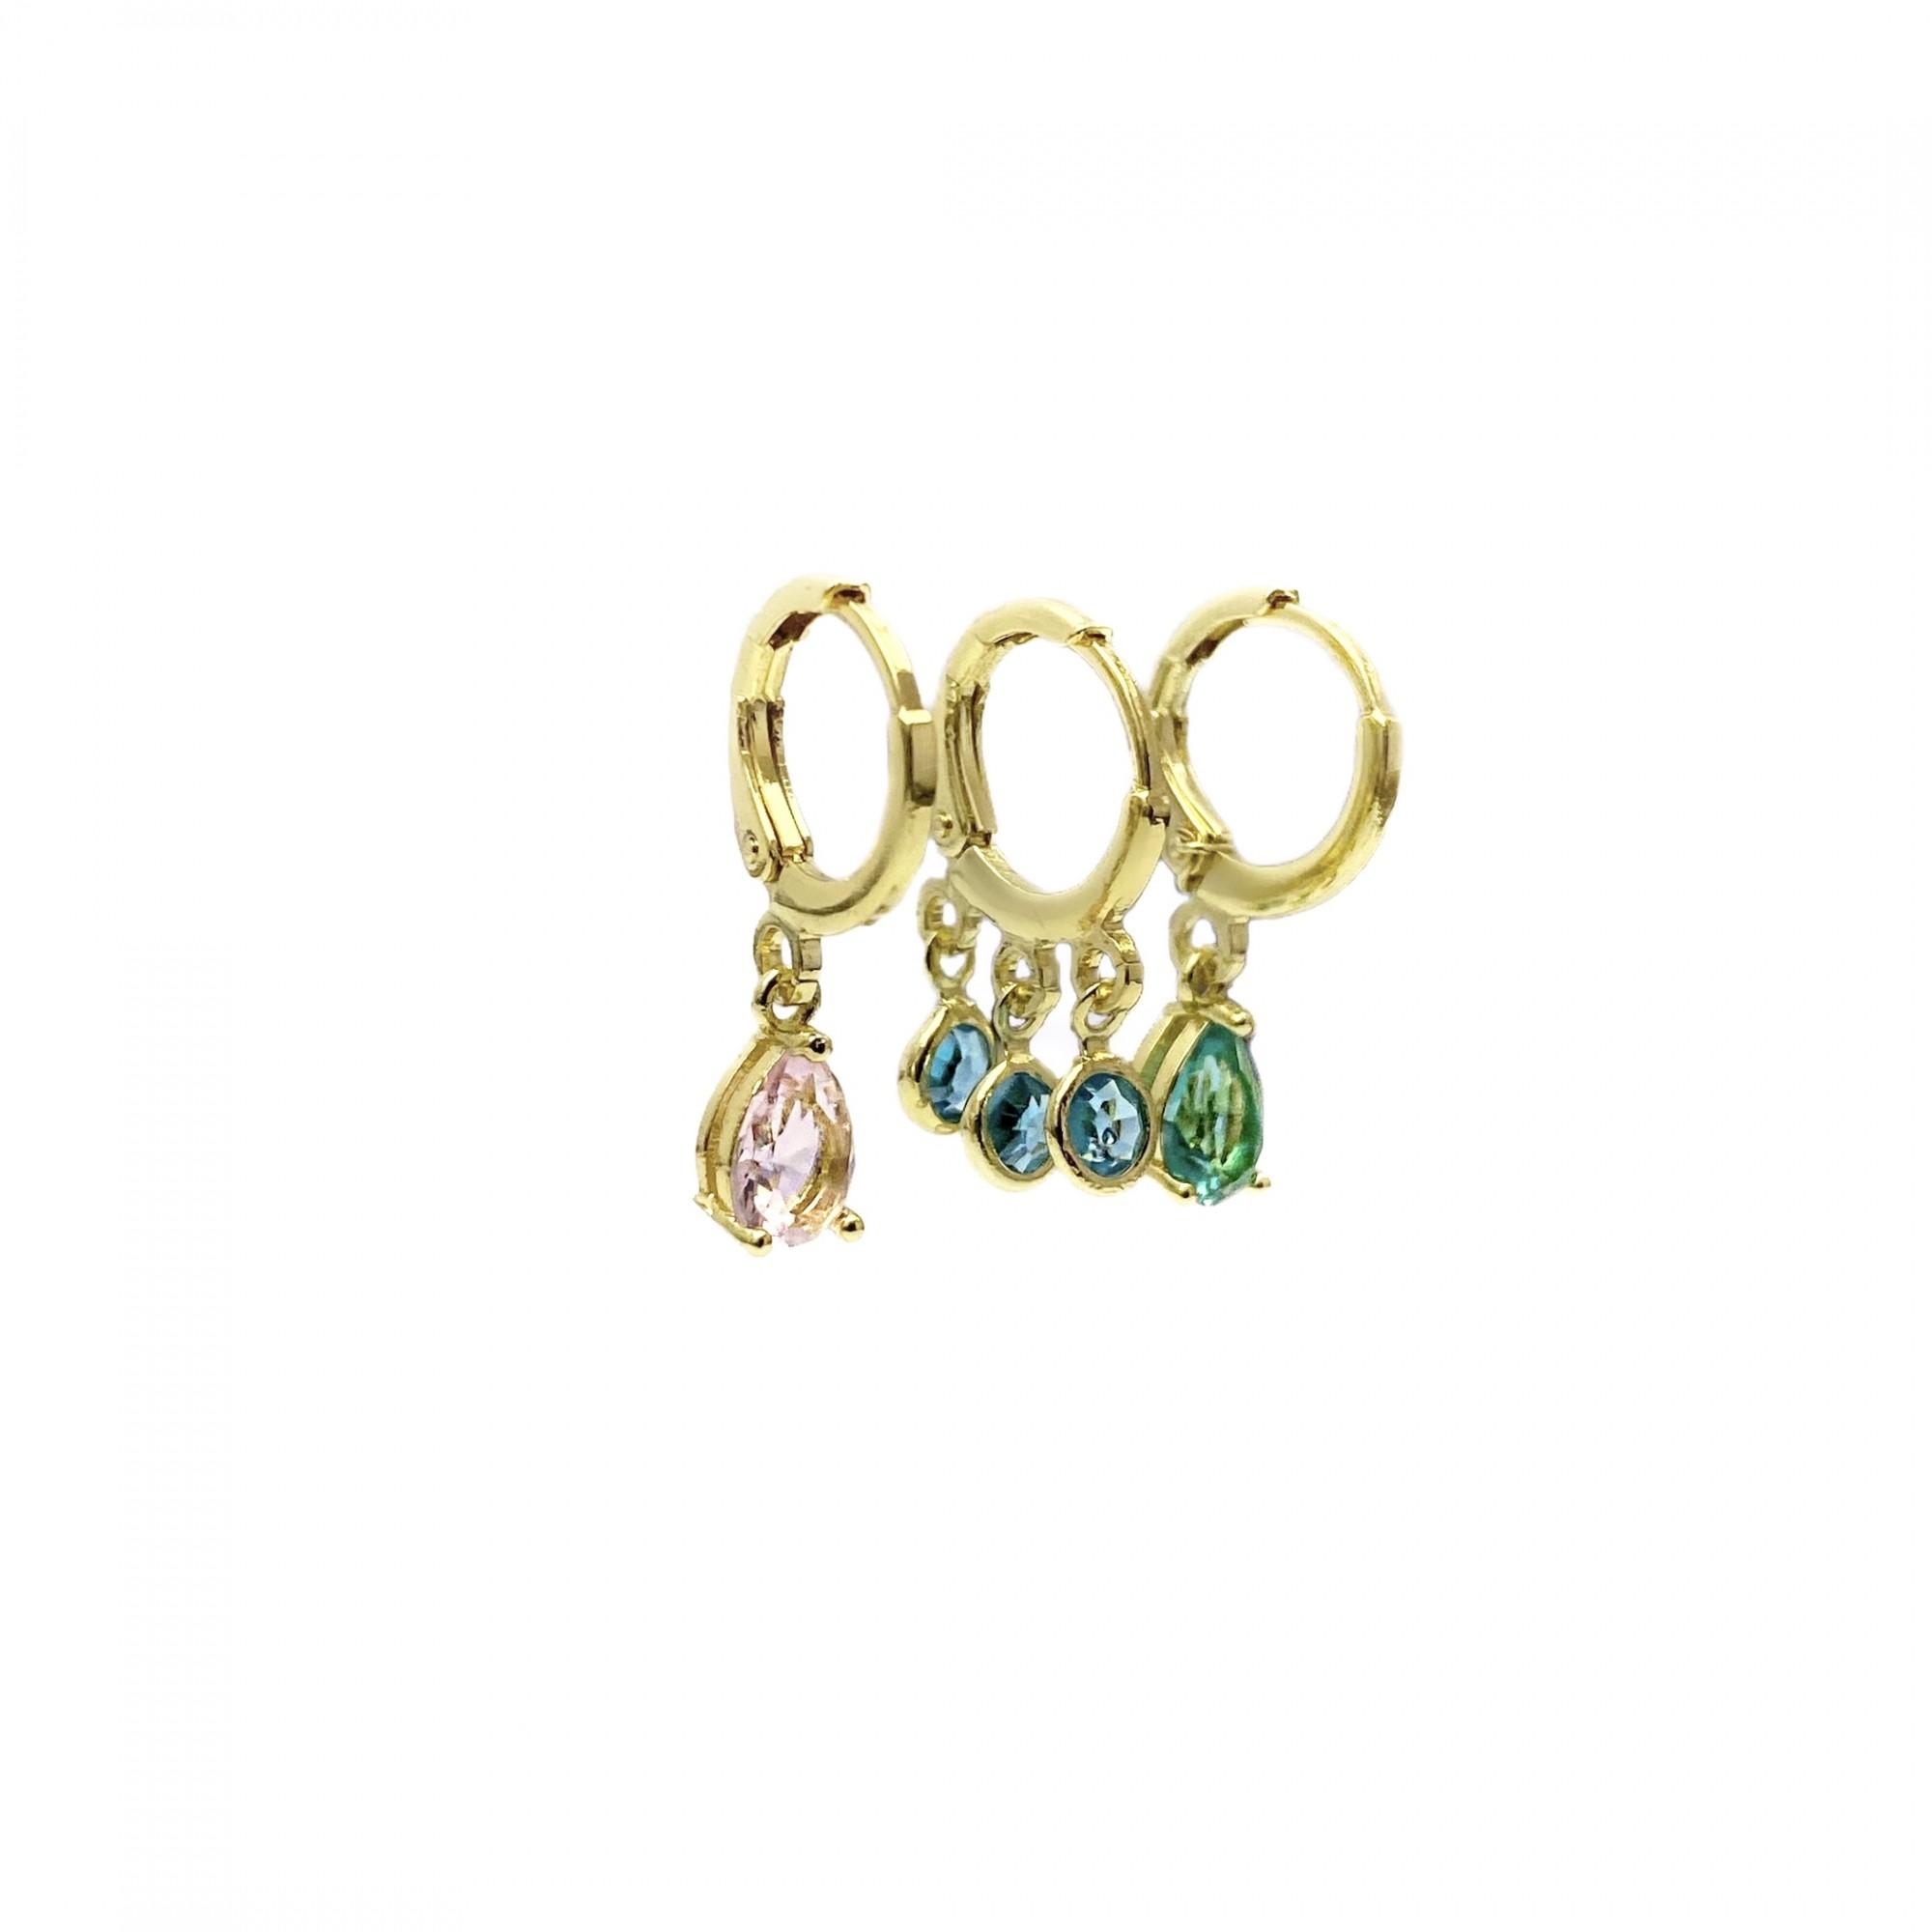 Dupla De Brincos Pedras + Brinco 3 Pedras (Banho Ouro 18k)(3 Pares)